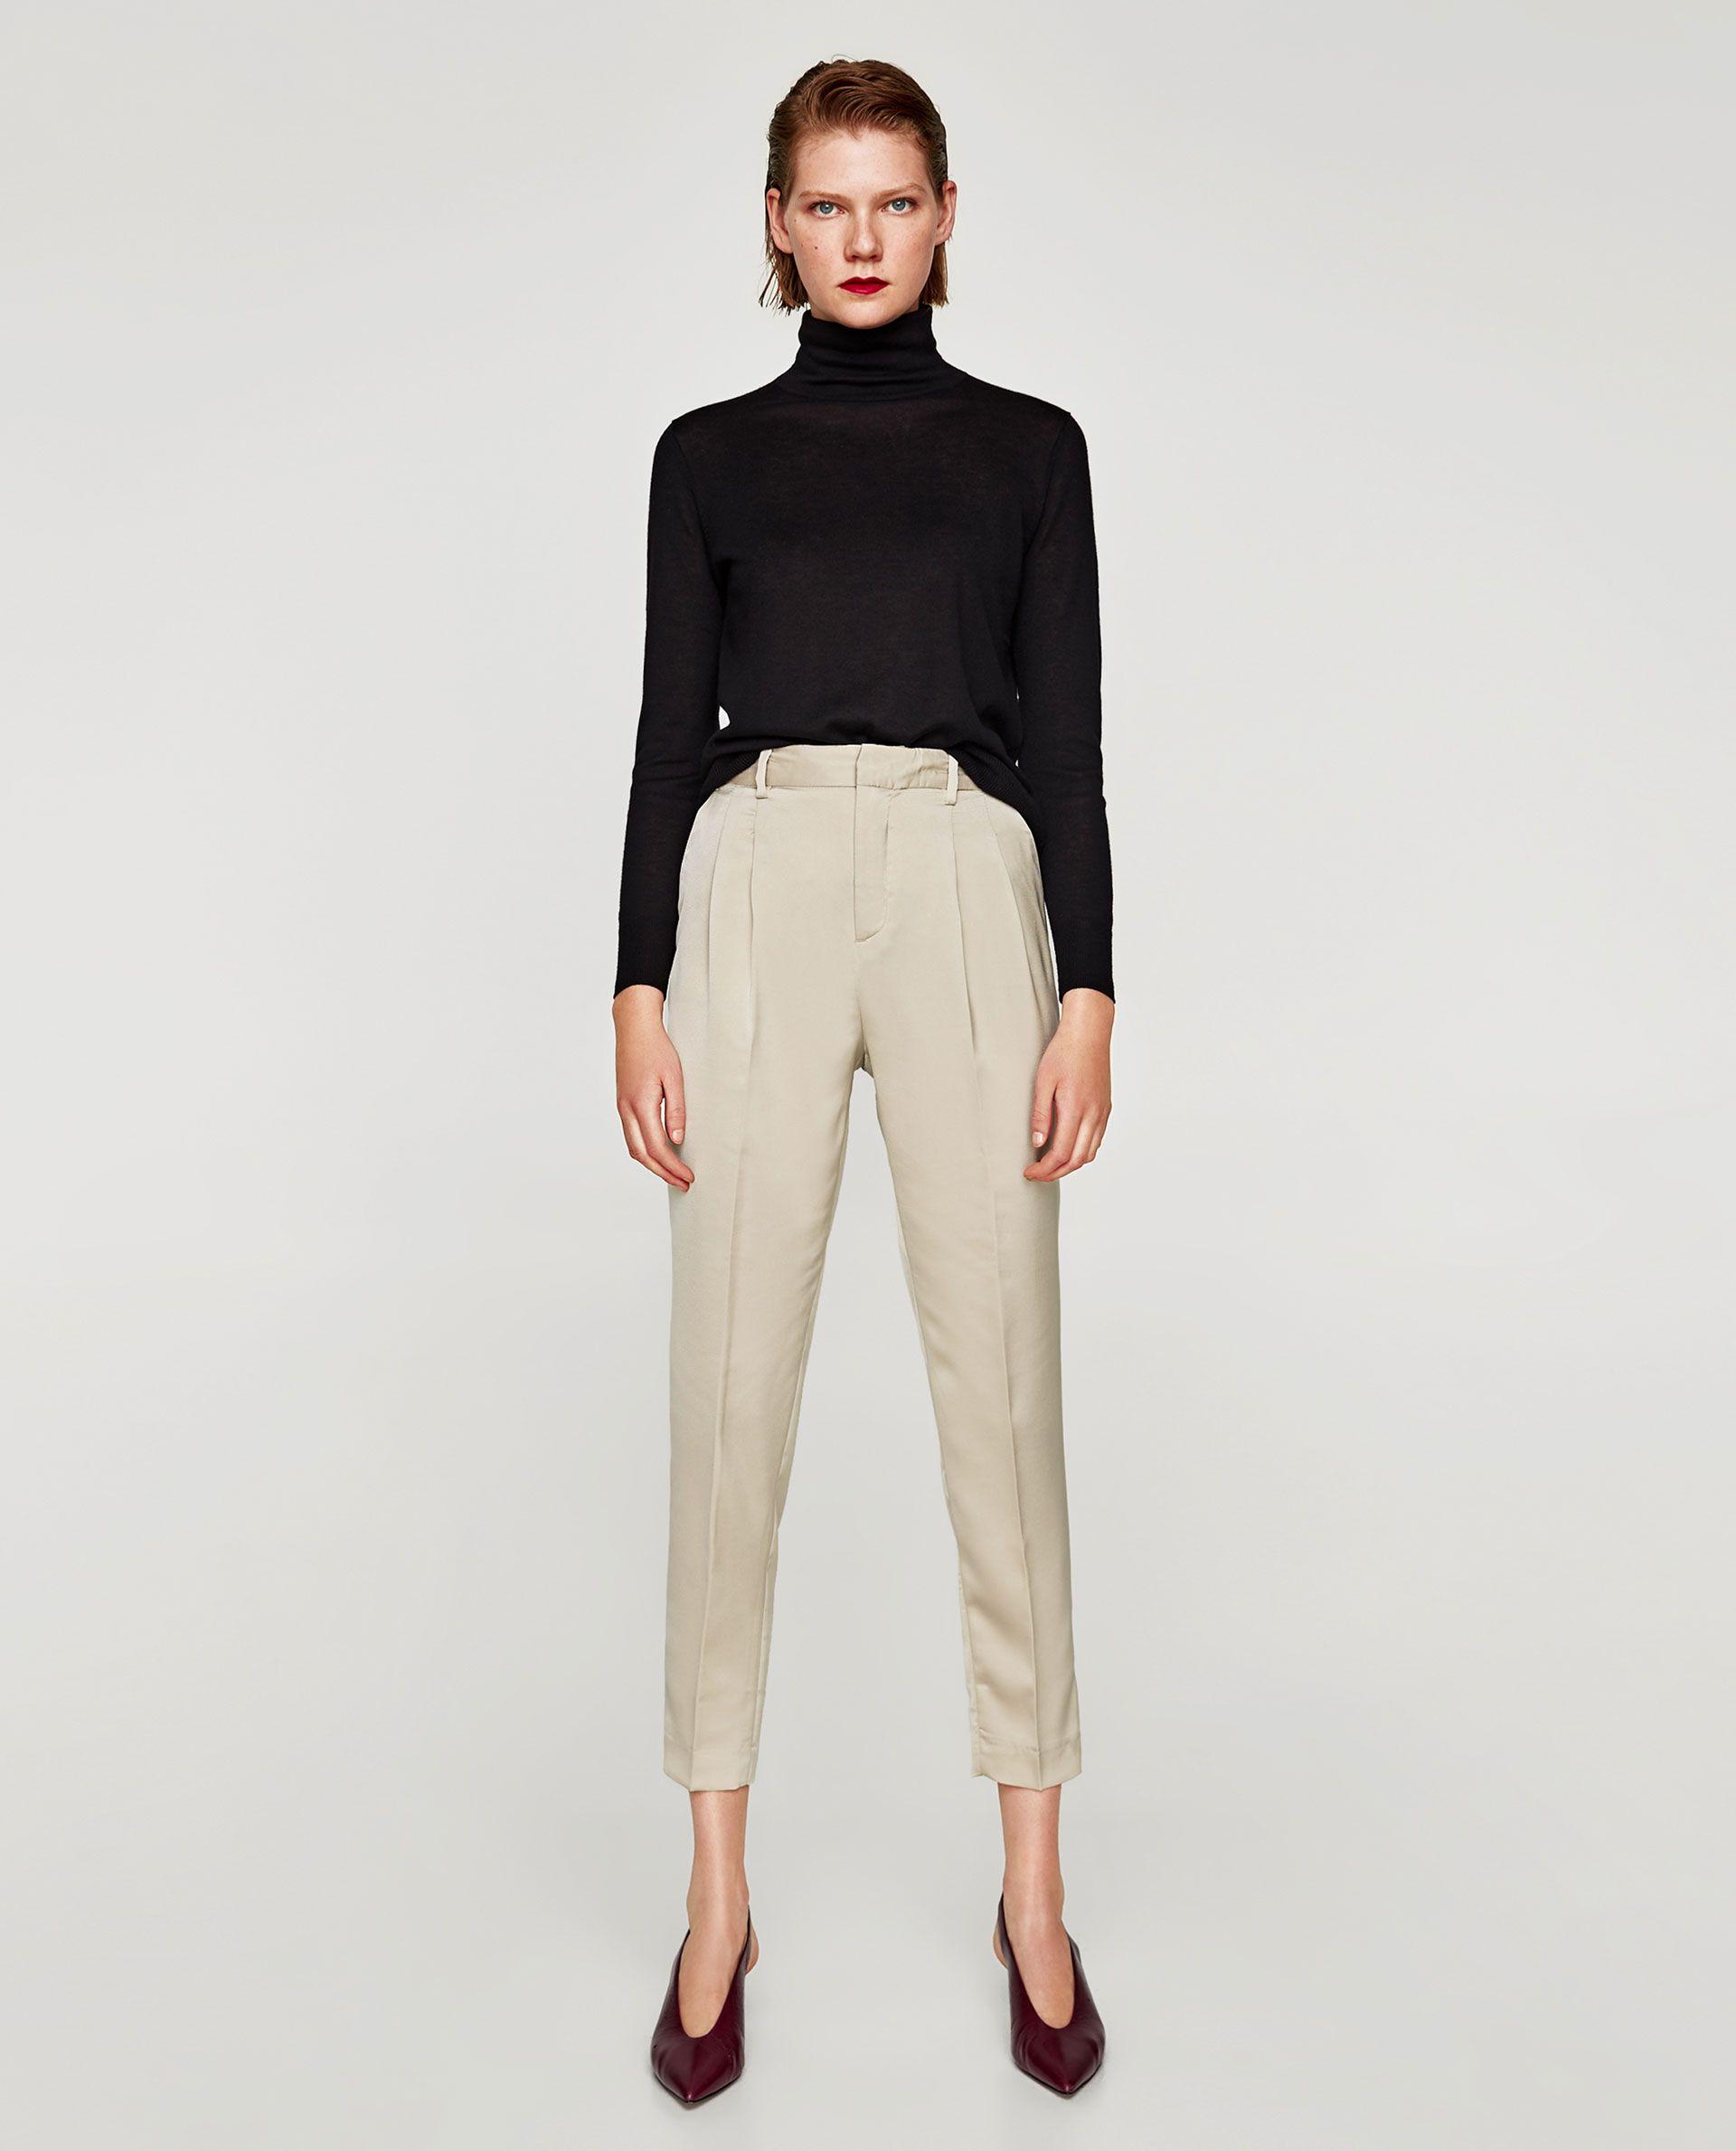 ZARA WOMAN HIGH WAIST TROUSERS | S | Pantalon tiro alto